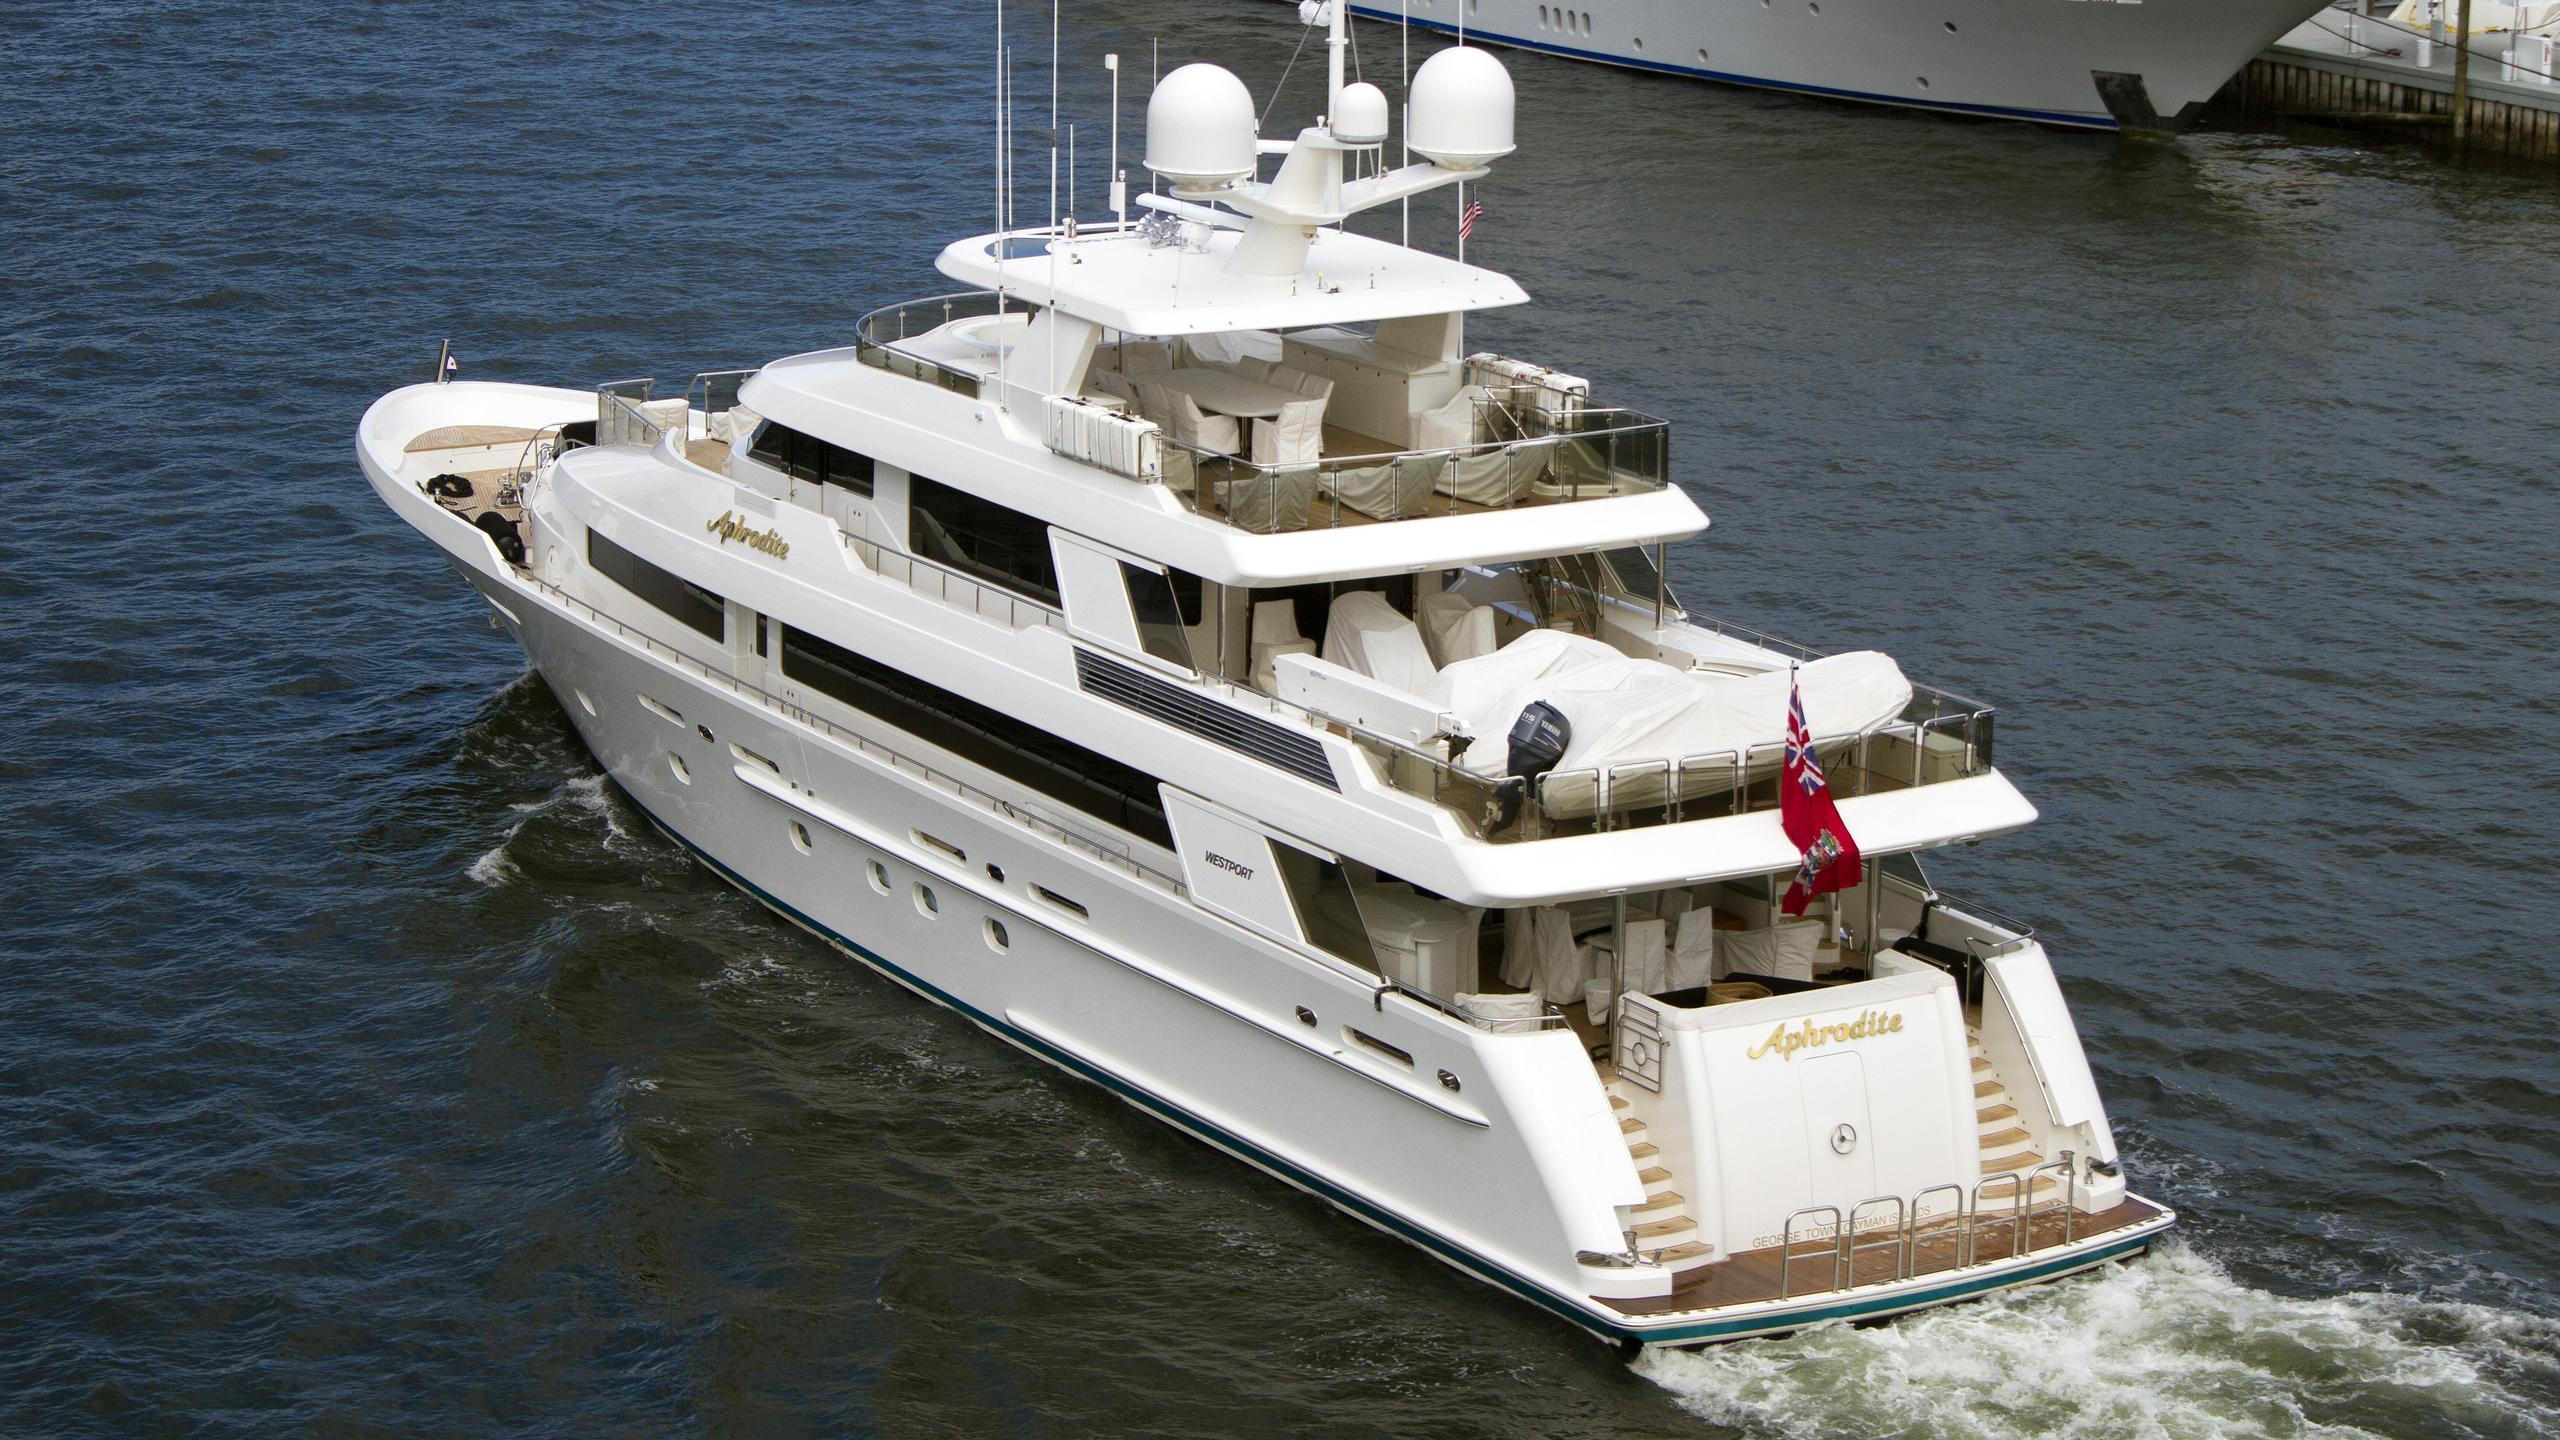 westport-130-4002-aphrodite-2009-motor-yacht-aerial-stern